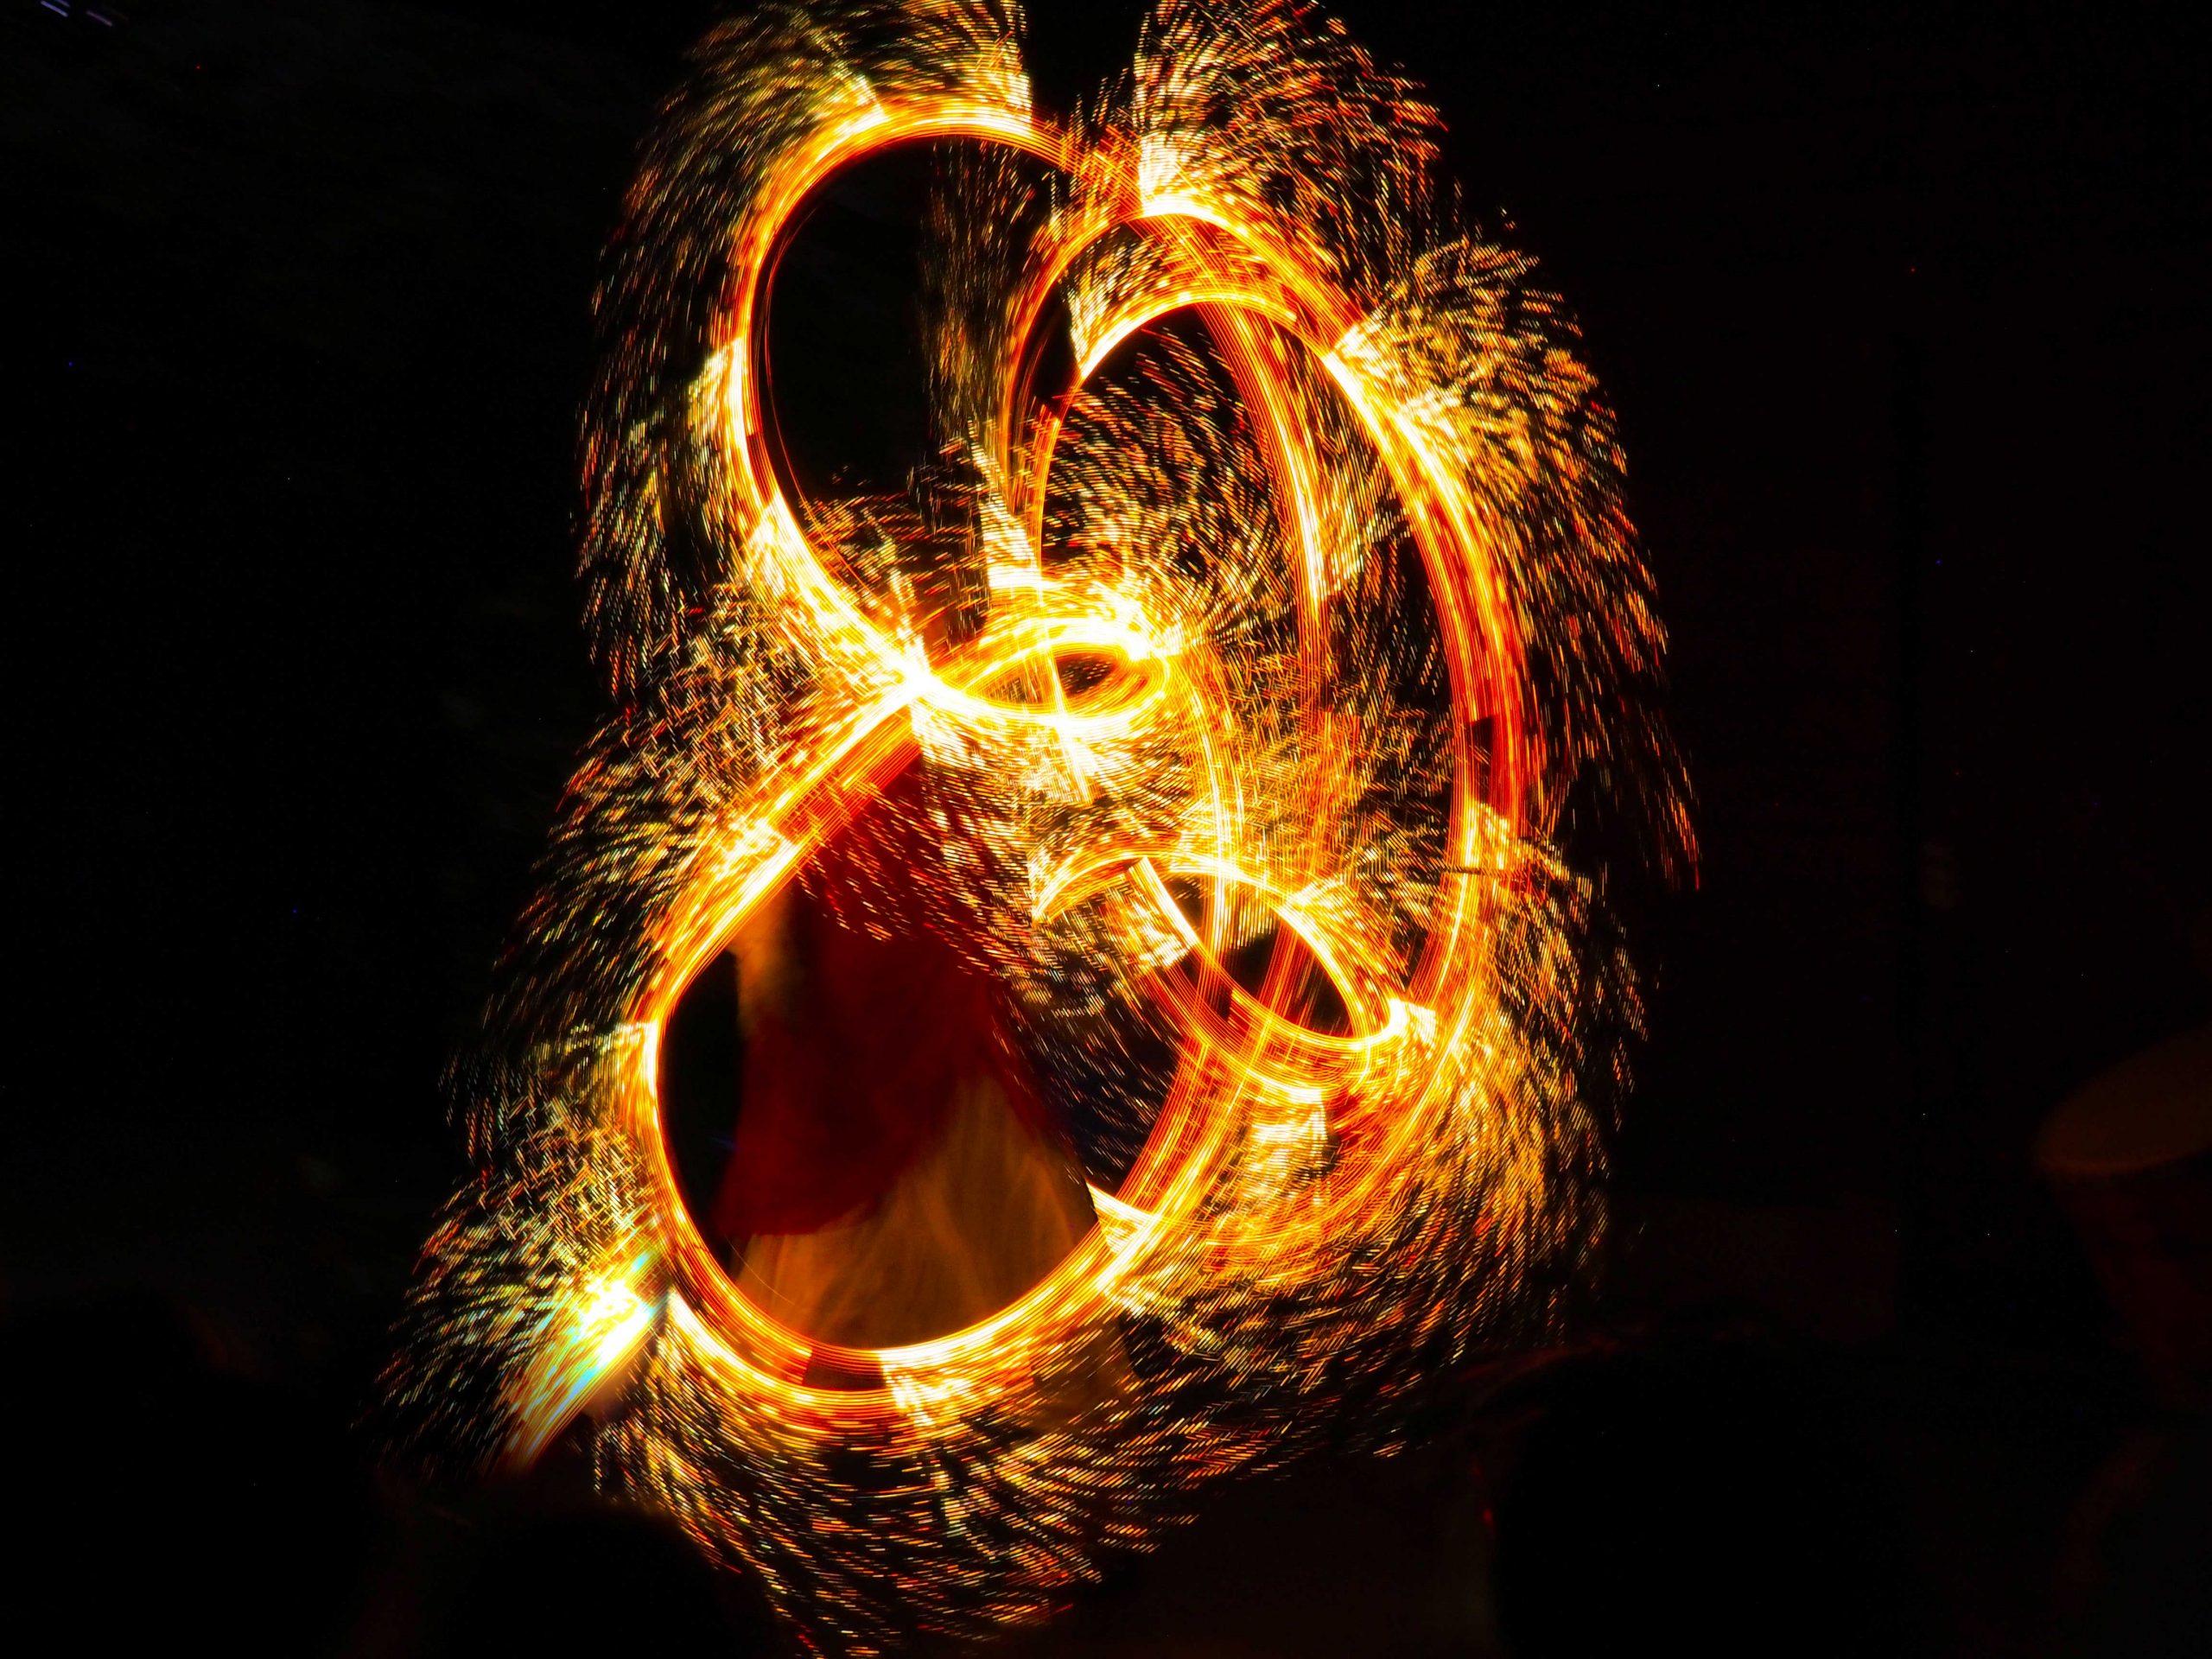 Prouesse de lumière par Maître Albertius ! Univers fantastique!